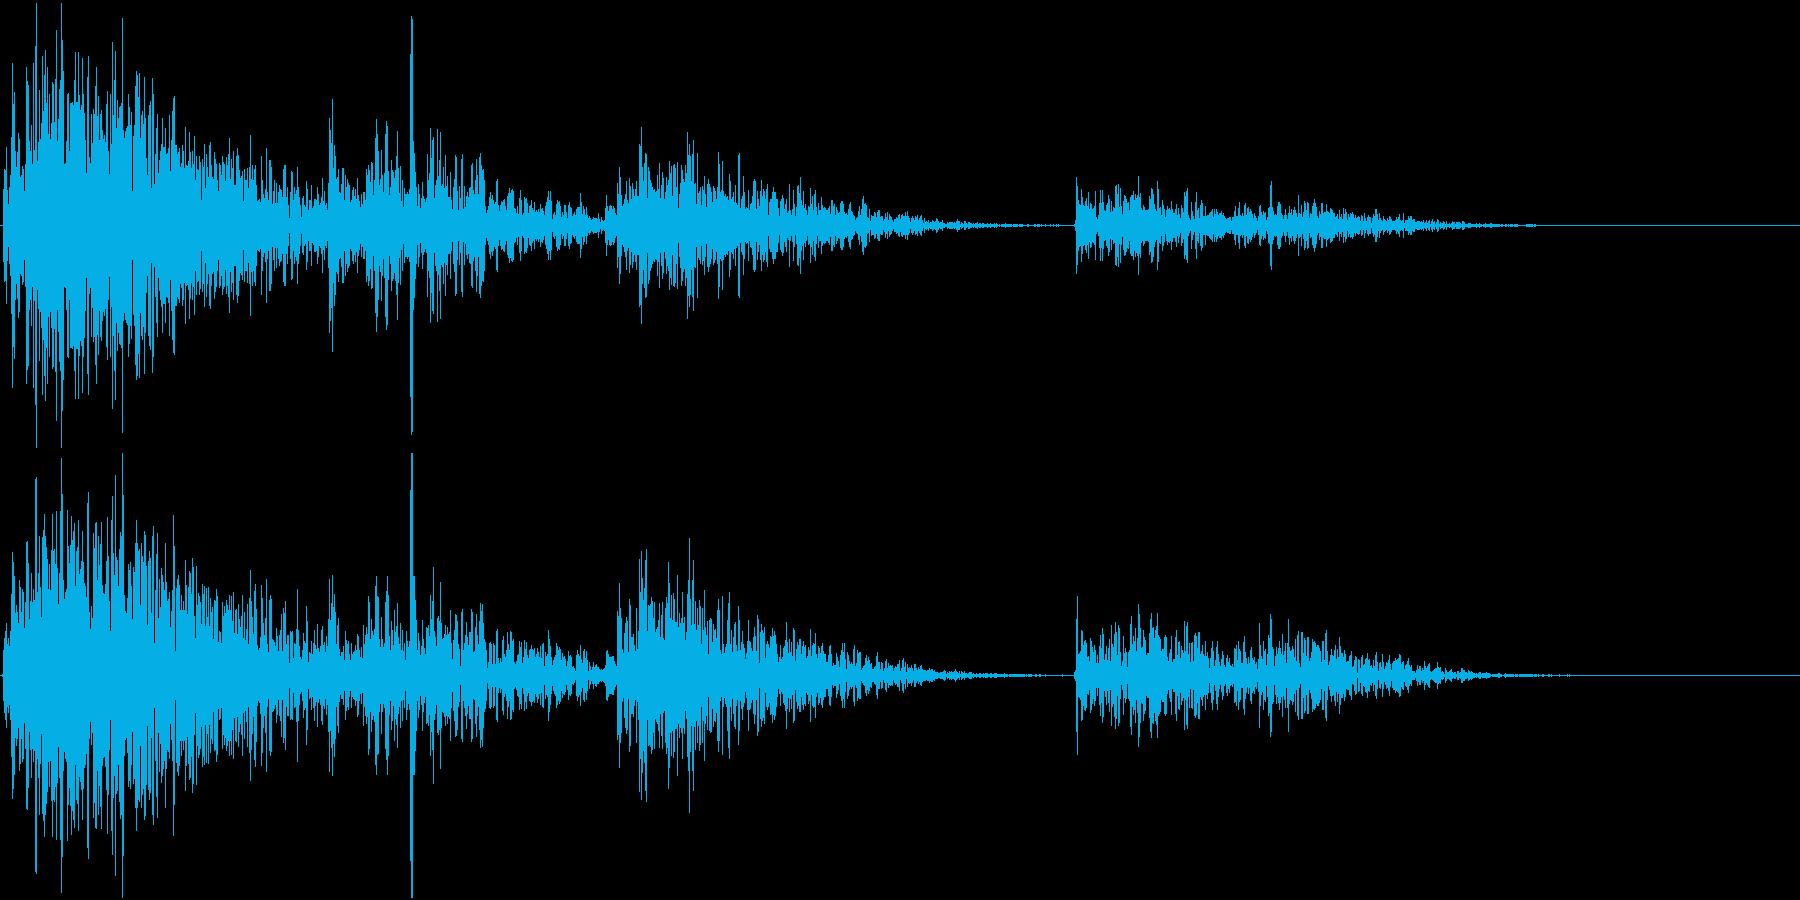 【生録音】プラスチックの容器が転がる 5の再生済みの波形